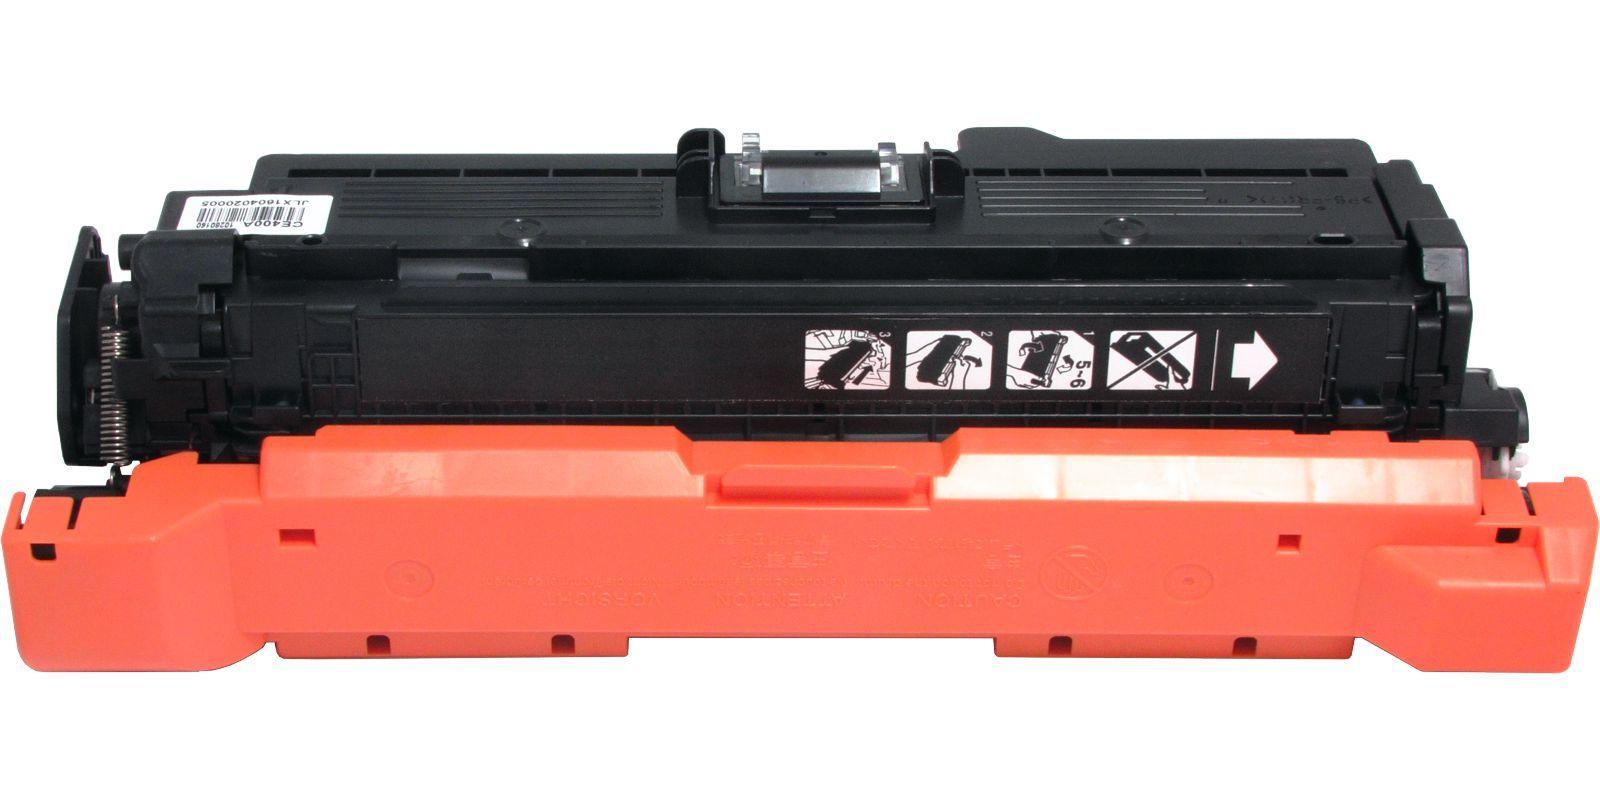 Картридж лазерный цветной MAK© 507A CE400A черный (black), до 5500 стр.